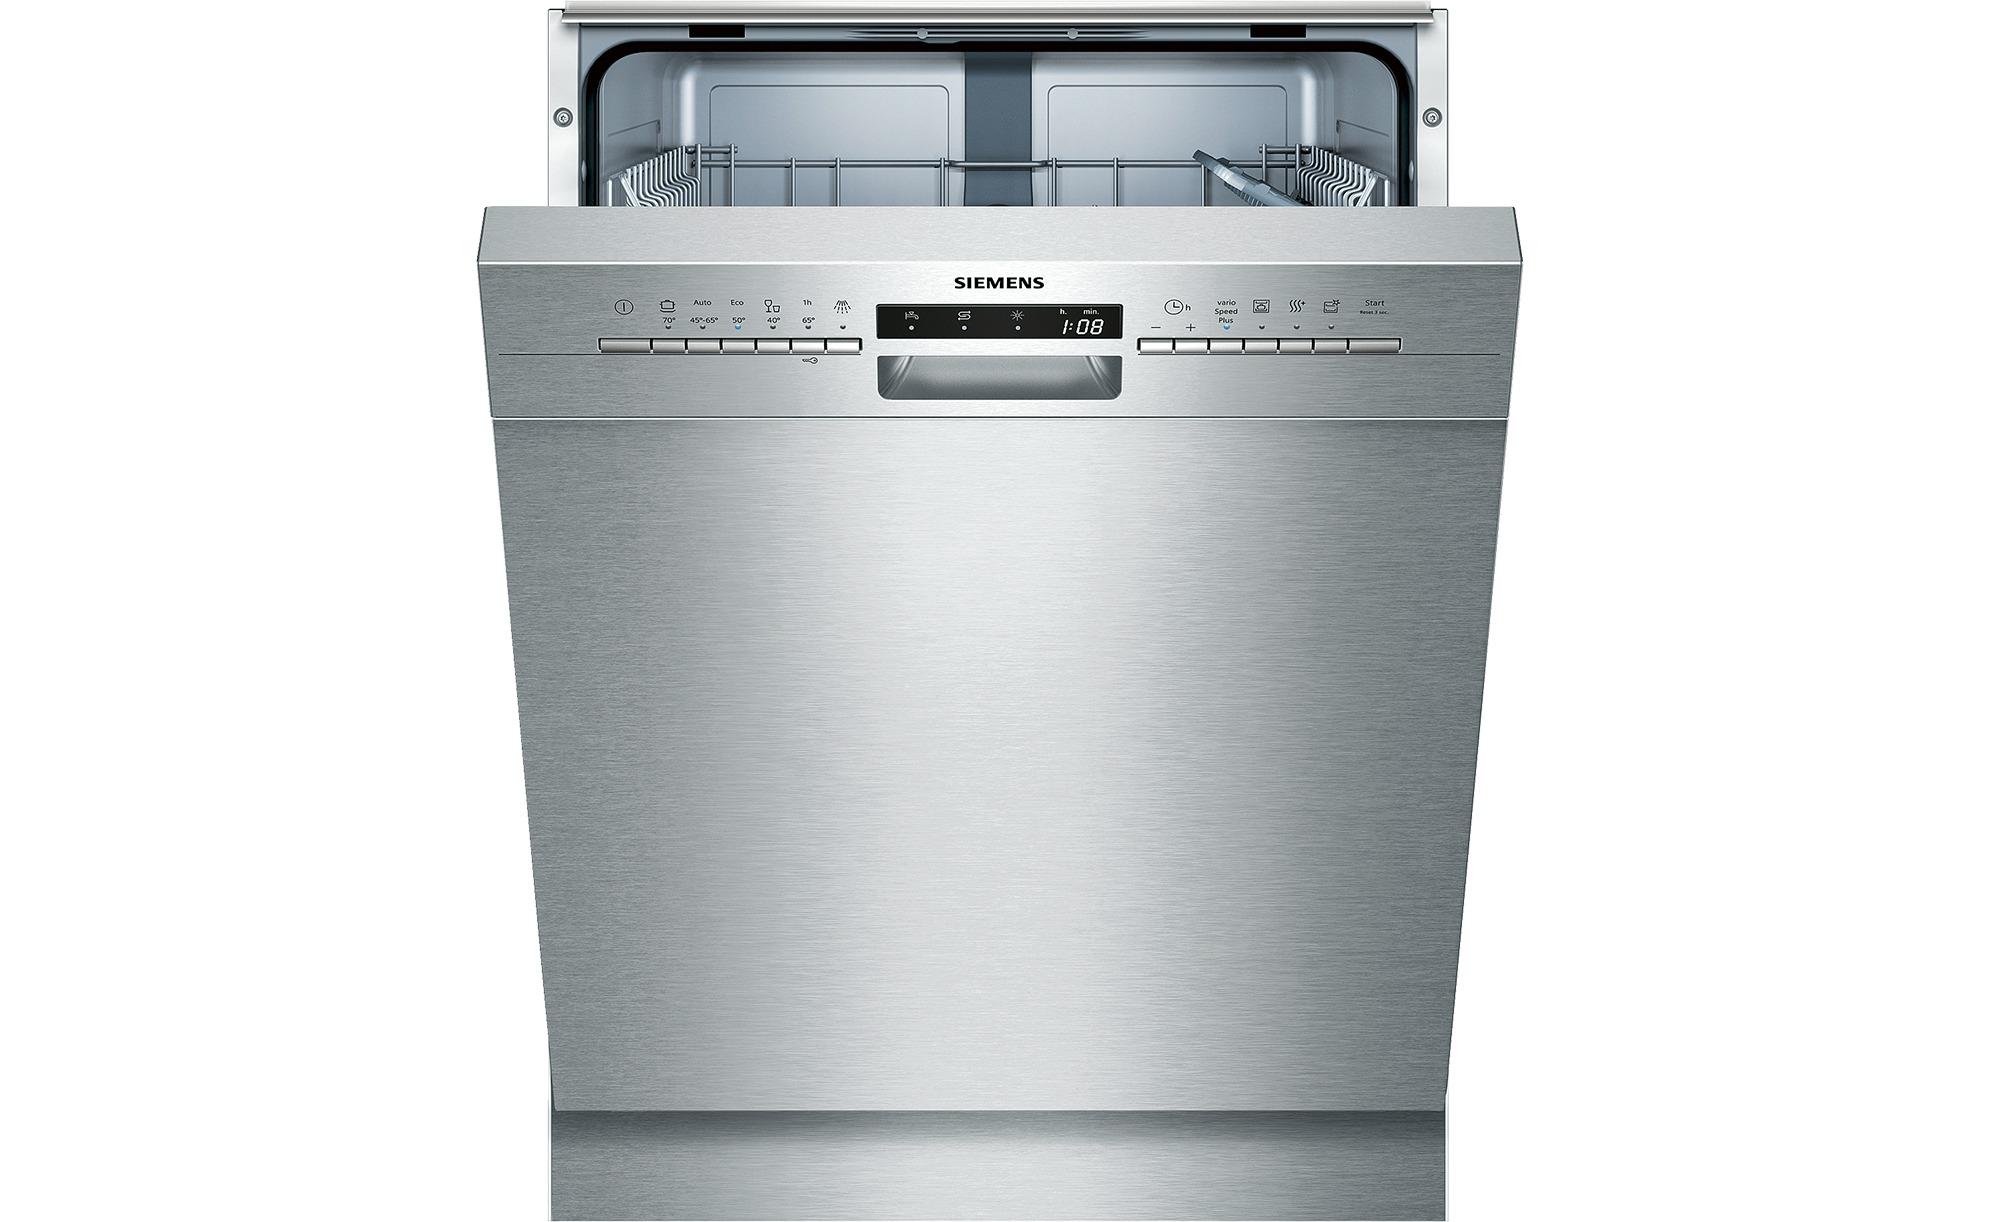 Siemens Kühlschrank Unterbau : Siemens unterbau geschirrspüler sn s ge